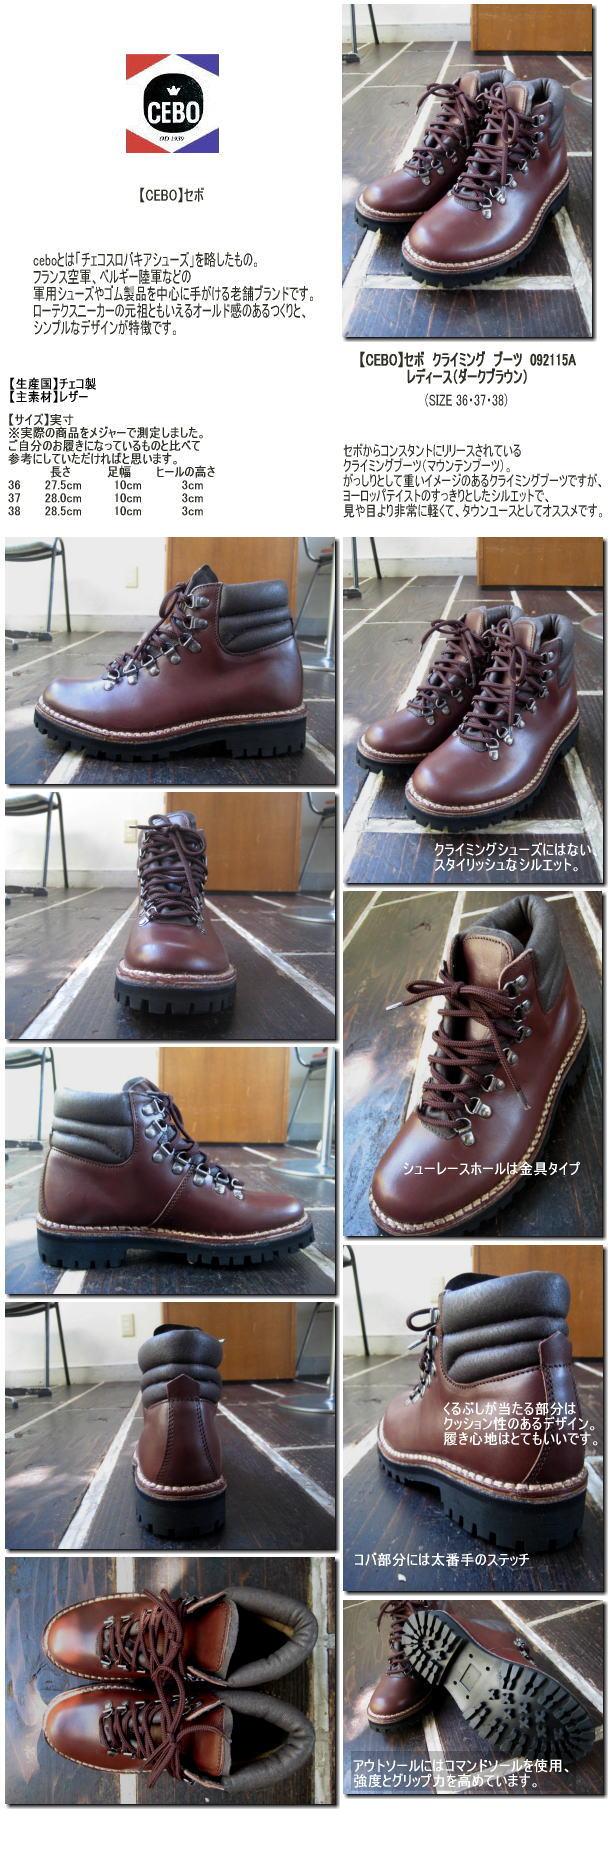 【CEBO】セボ クライミング ブーツ 092115A レディース(ダークブラウン)